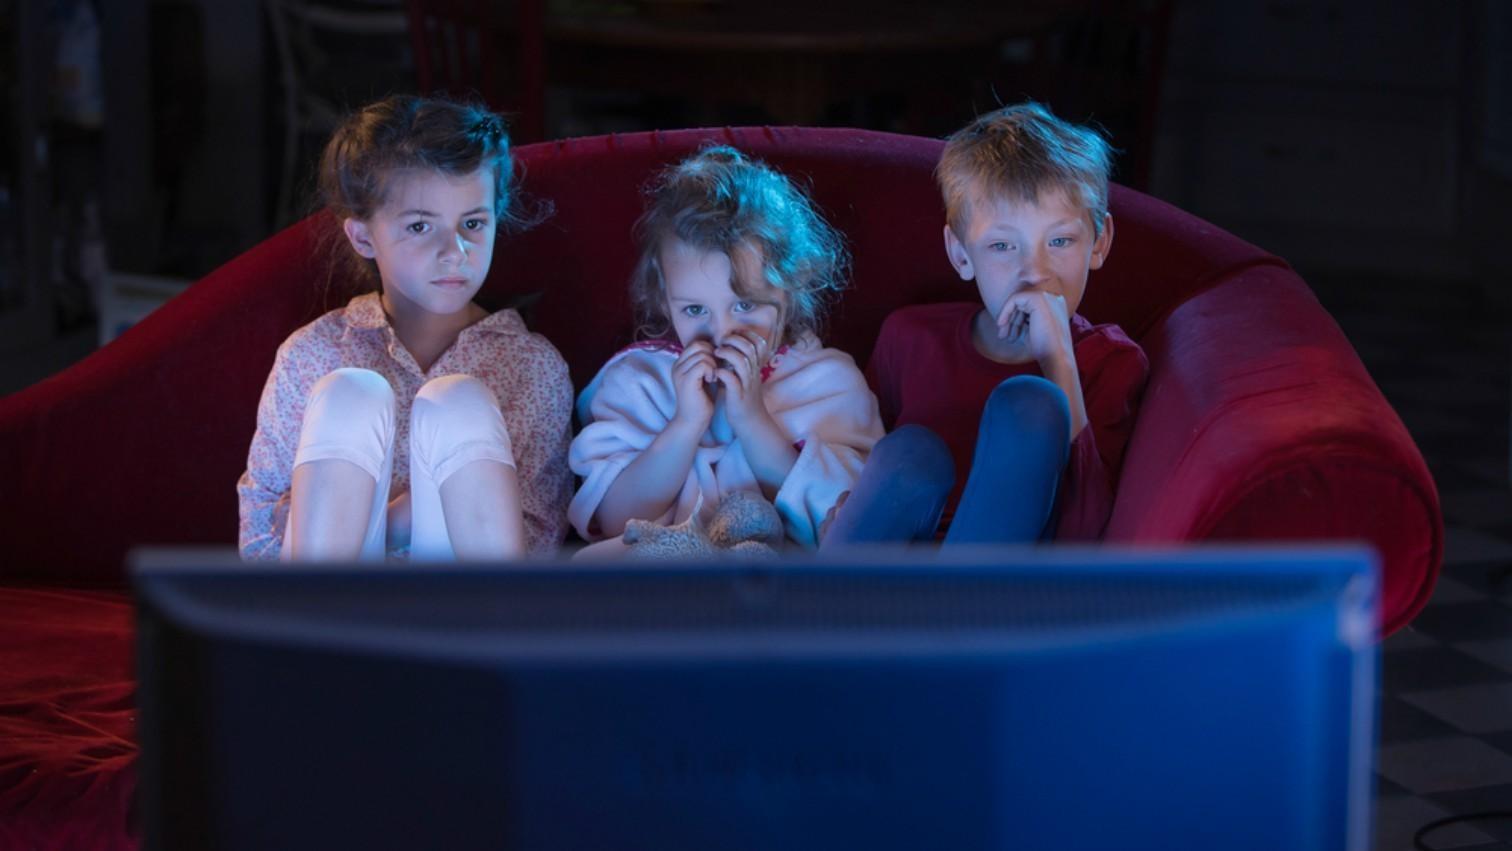 Sedang Banyak Film Horor Diputar Jangan Ajak Anak Menonton Ini 7 Pengaruh Buruknya Orami